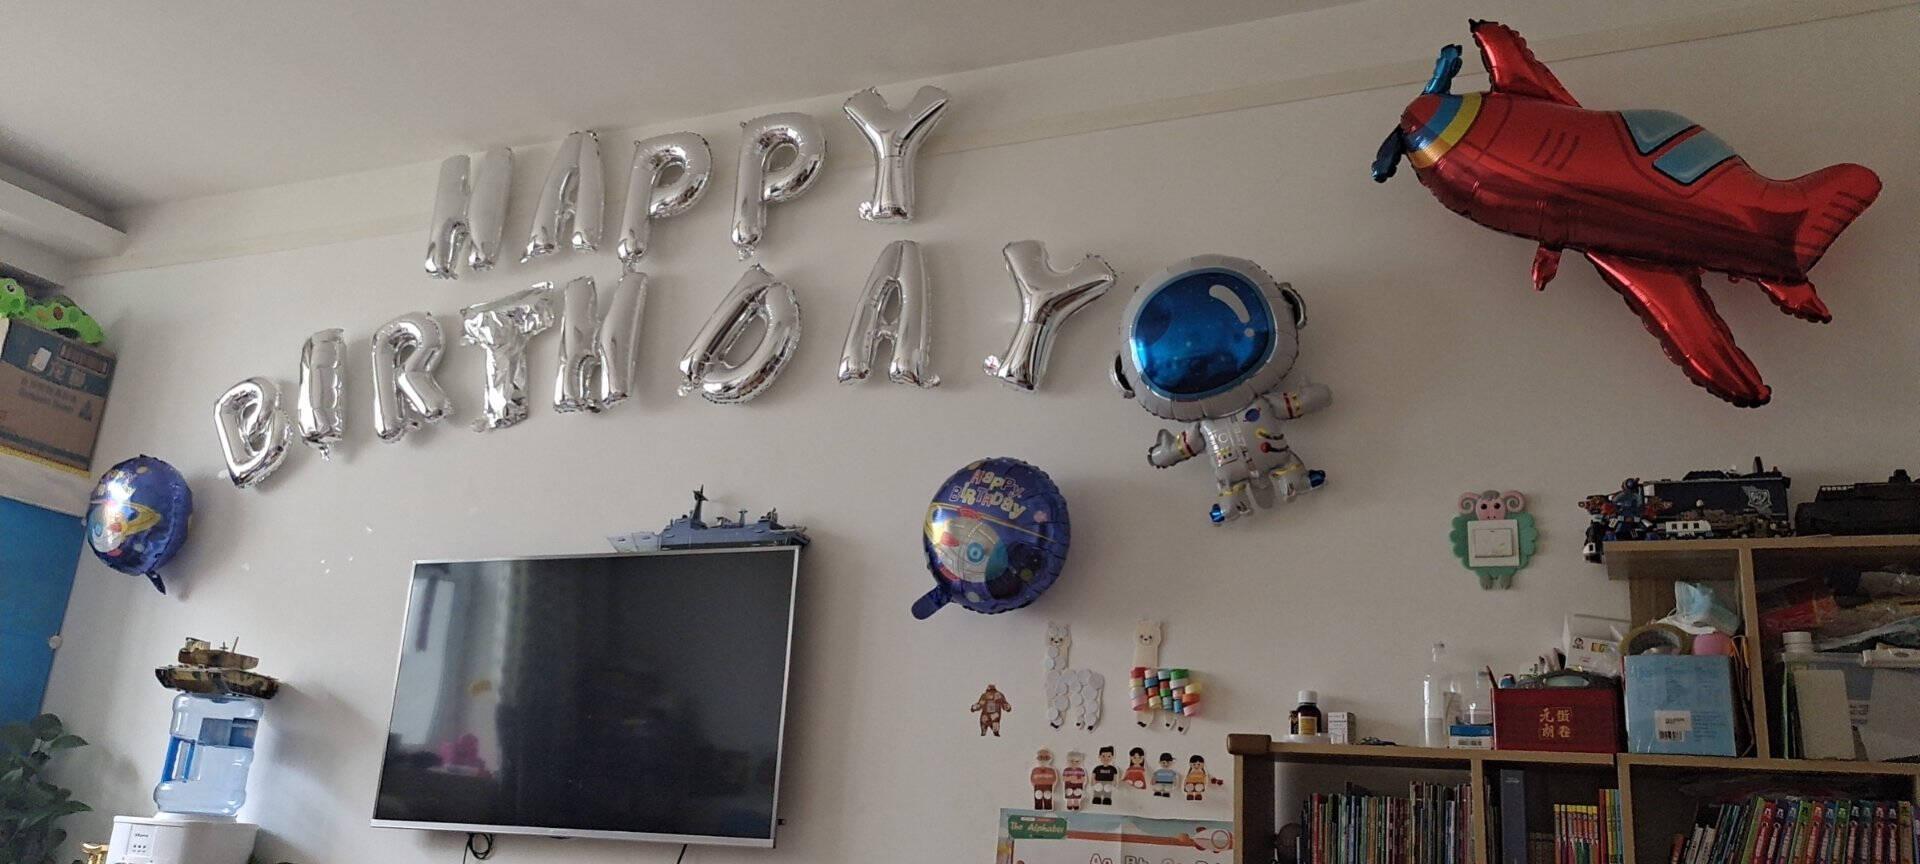 新新精艺宇航太空铝箔生日气球装饰套餐生日快乐男孩儿童生日派对背景墙布置含打气筒点胶彩带